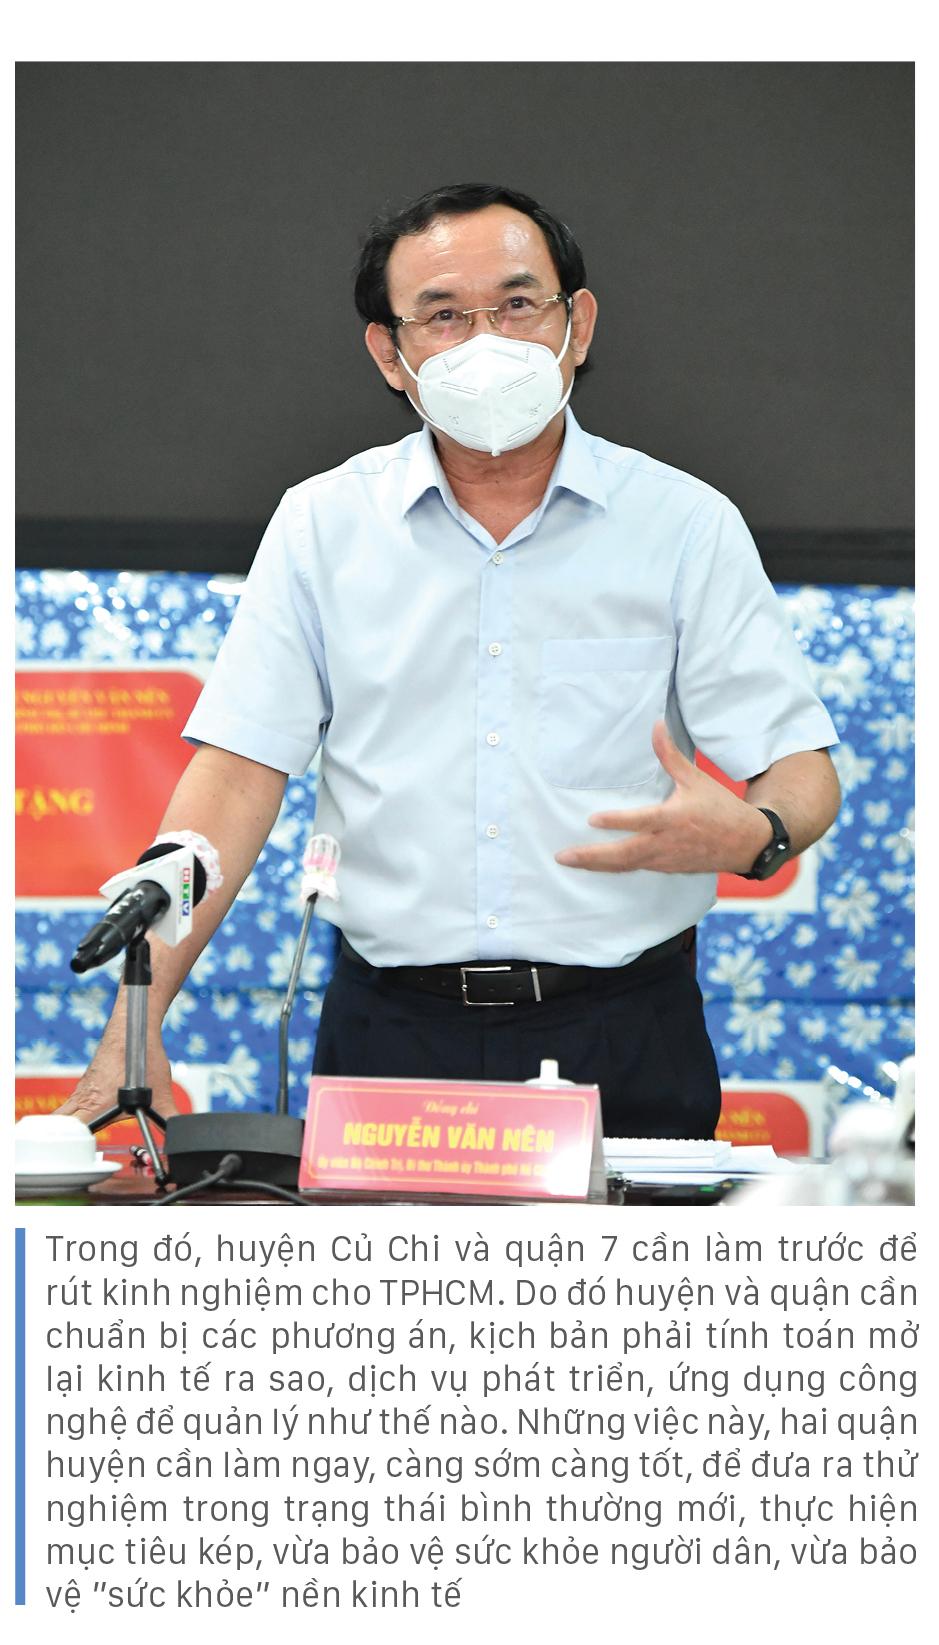 Những gợi mở của đồng chí Nguyễn Văn Nên về chiến lược sống có dịch Covid-19 ảnh 18